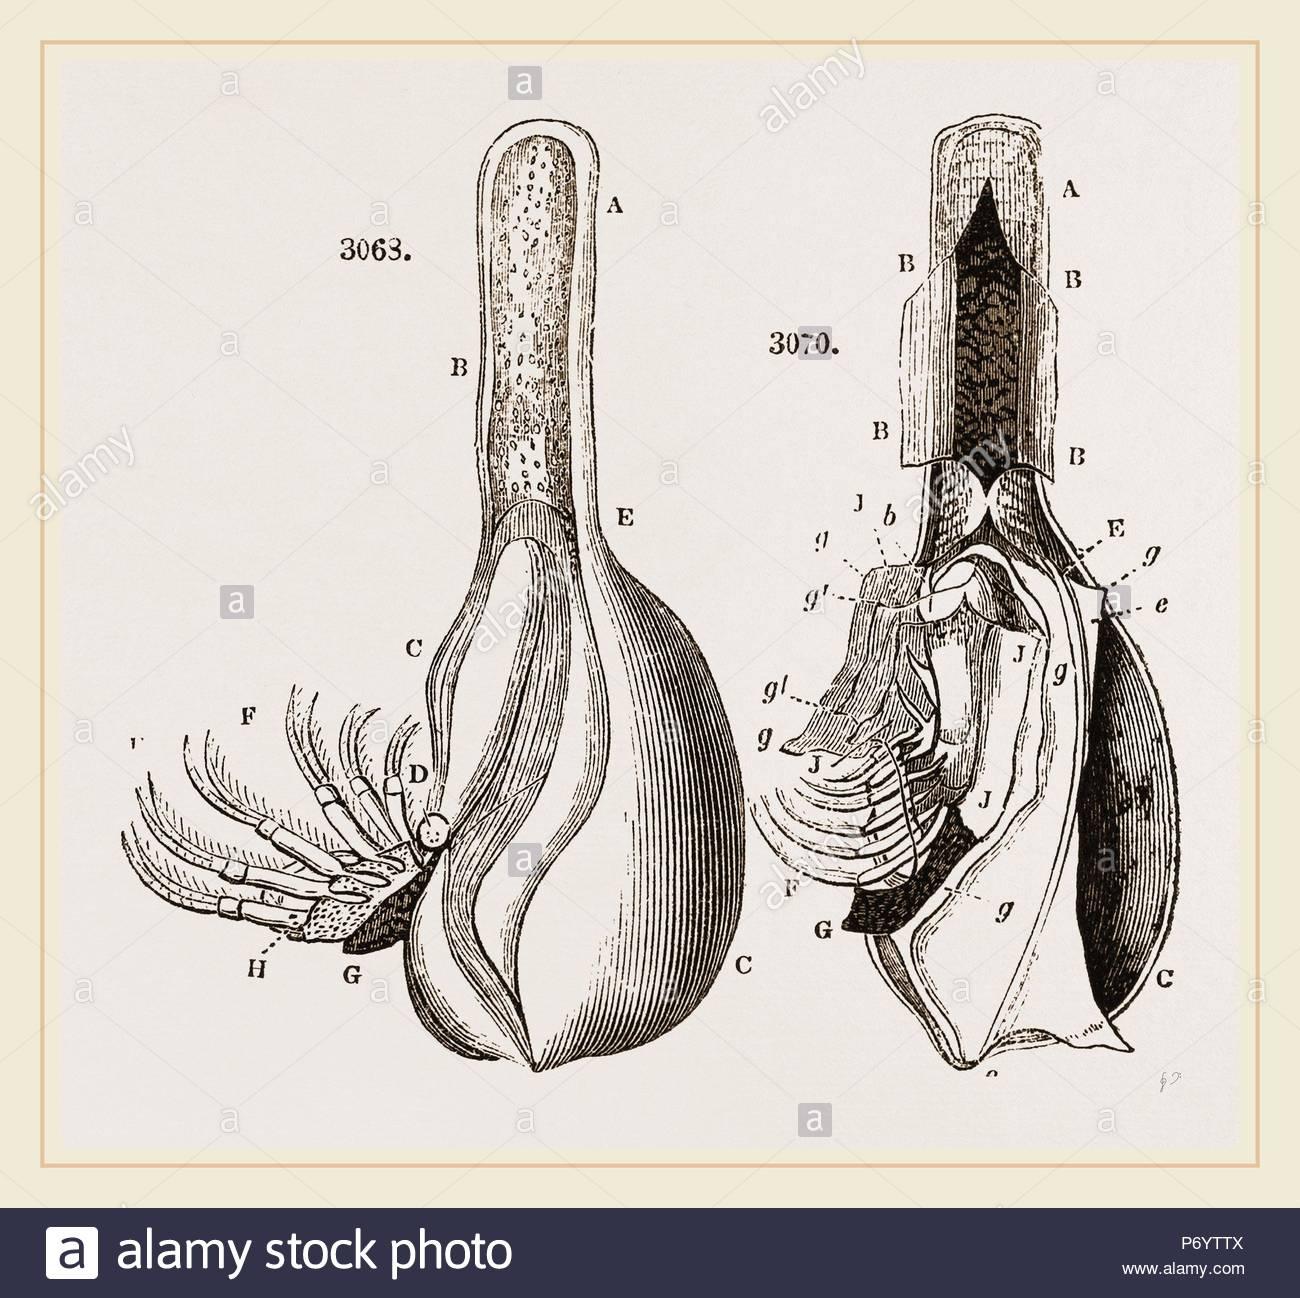 Gross Anatomy Stockfotos & Gross Anatomy Bilder - Alamy